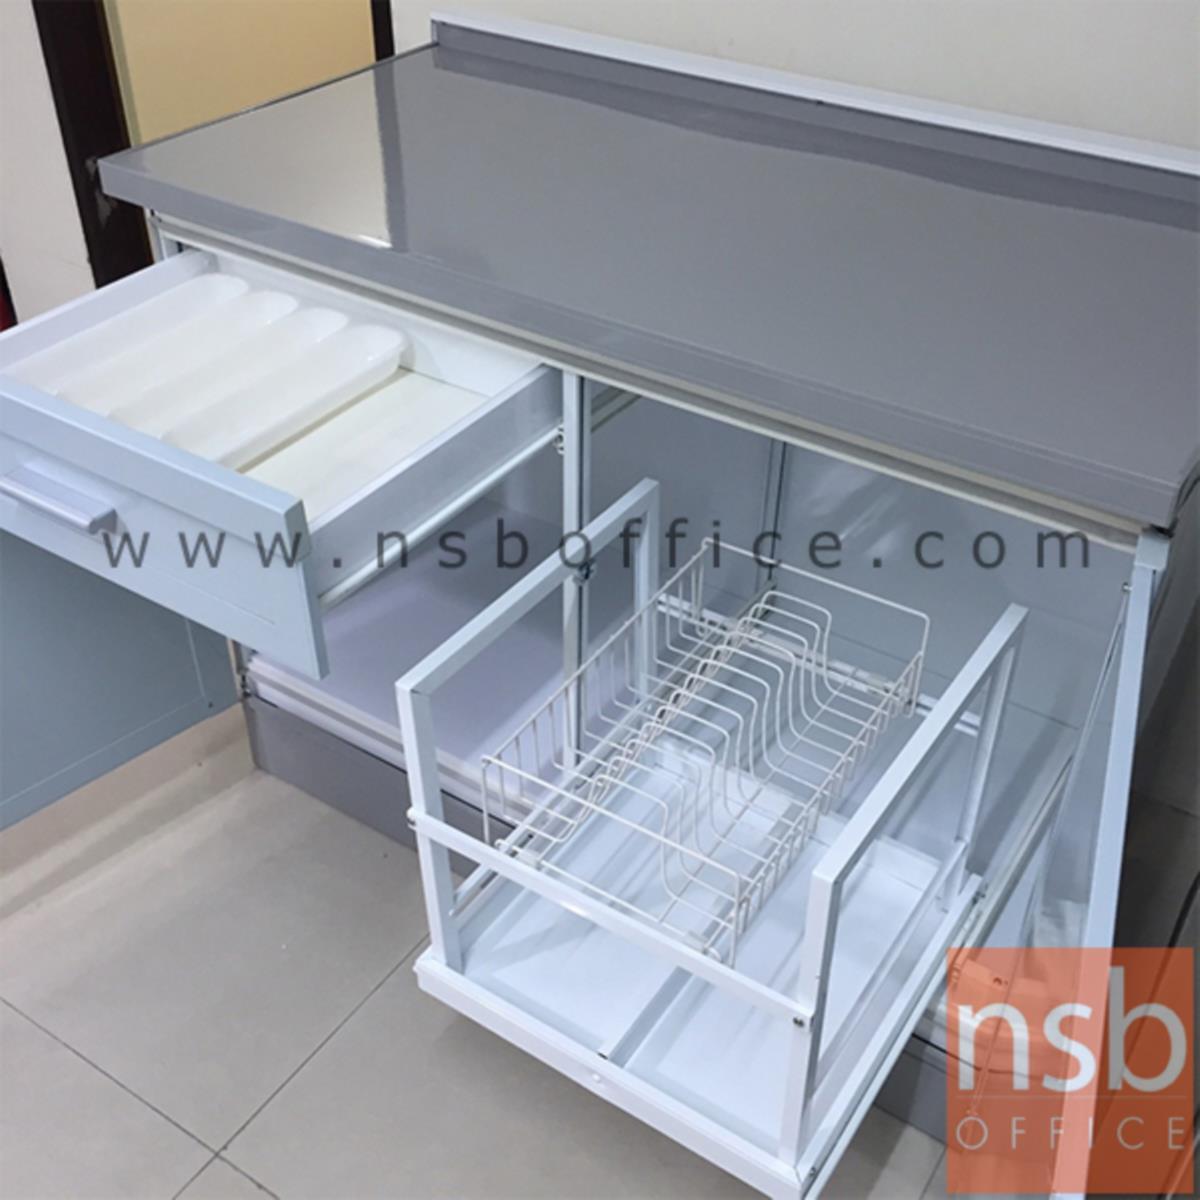 ตู้เคาน์เตอร์หน้าเรียบ รุ่น MT1015 ขนาด 100 (2 บาน) , 150 (3 บาน) cm.